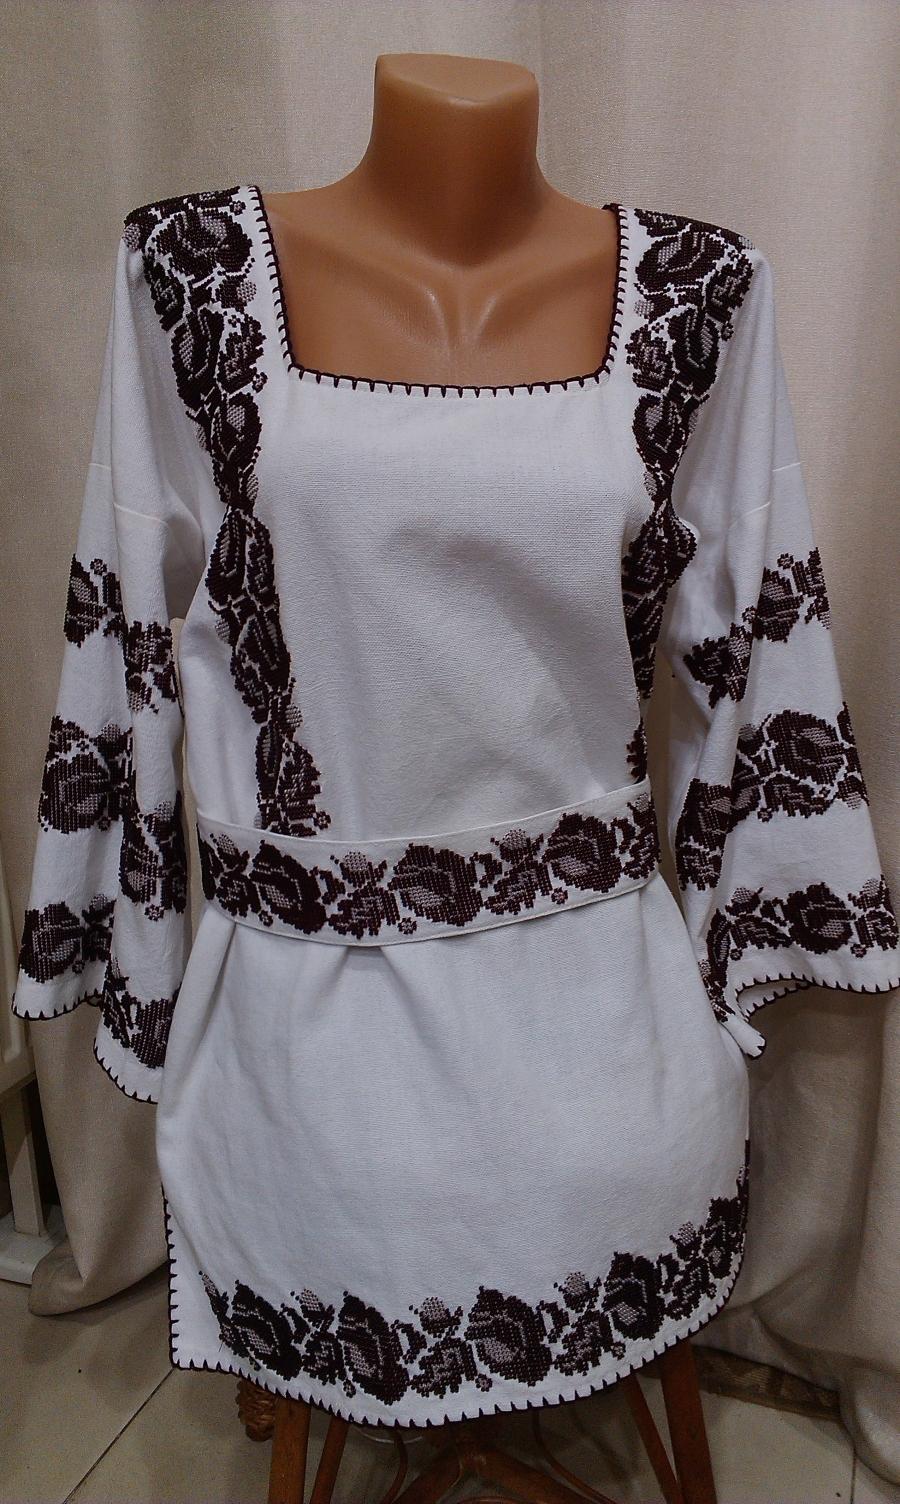 блузка бісер борщівська. цена  7000 грн. Ручна вишивка. Жіночий одяг 73167f0894156